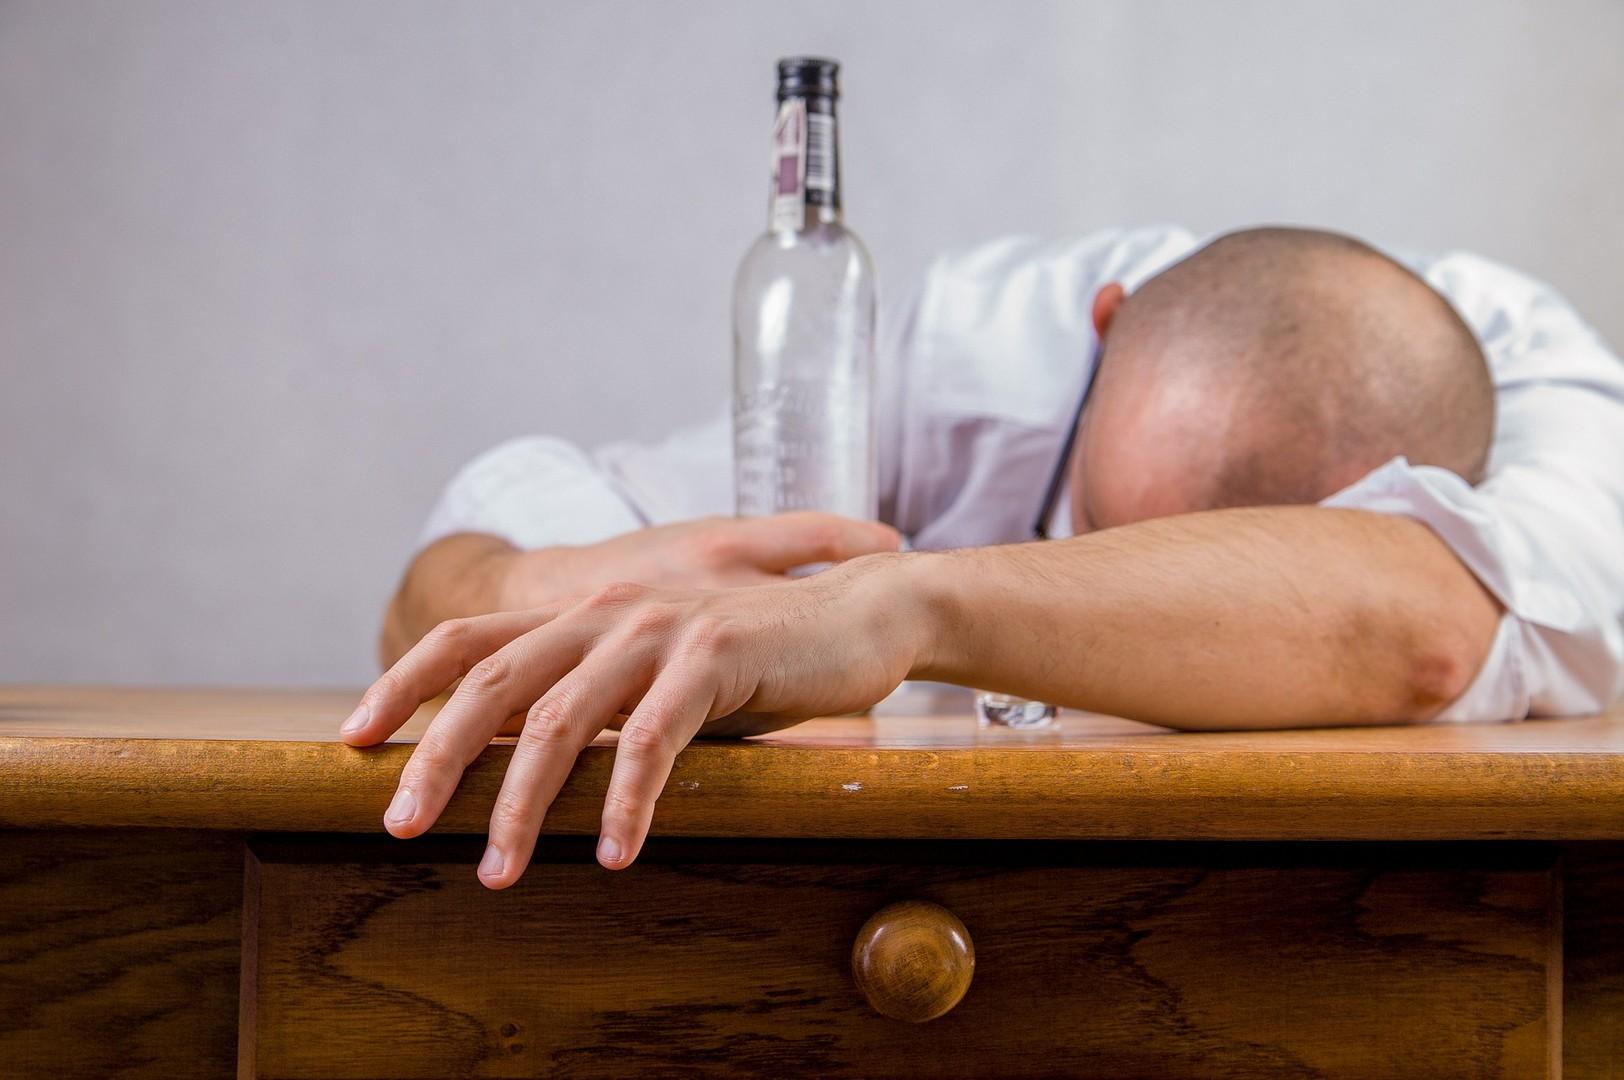 Как заставить мужа бросить пить алкоголь: 5 способов в помощь жене